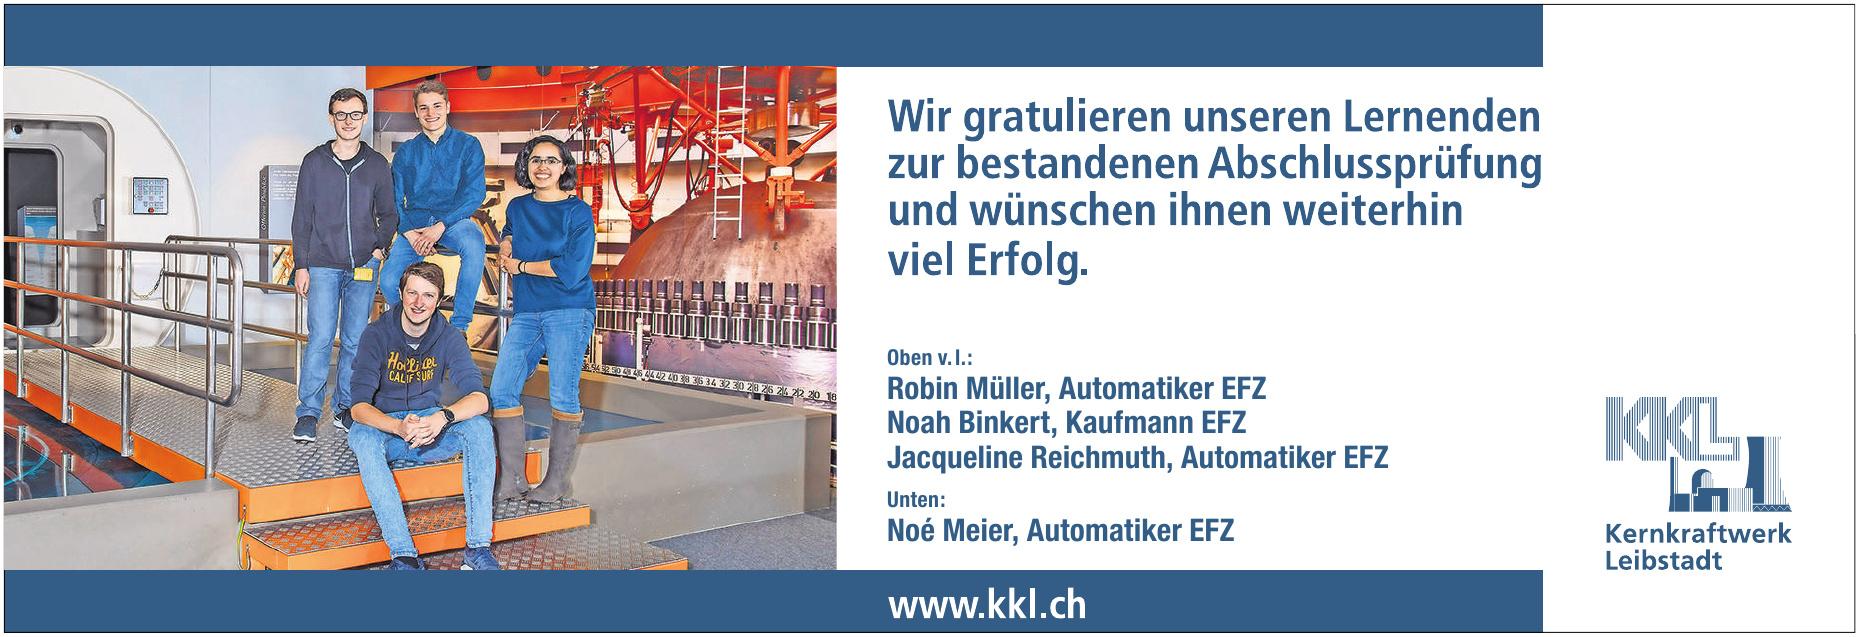 KKL Kernkraftwerk Leibstadt